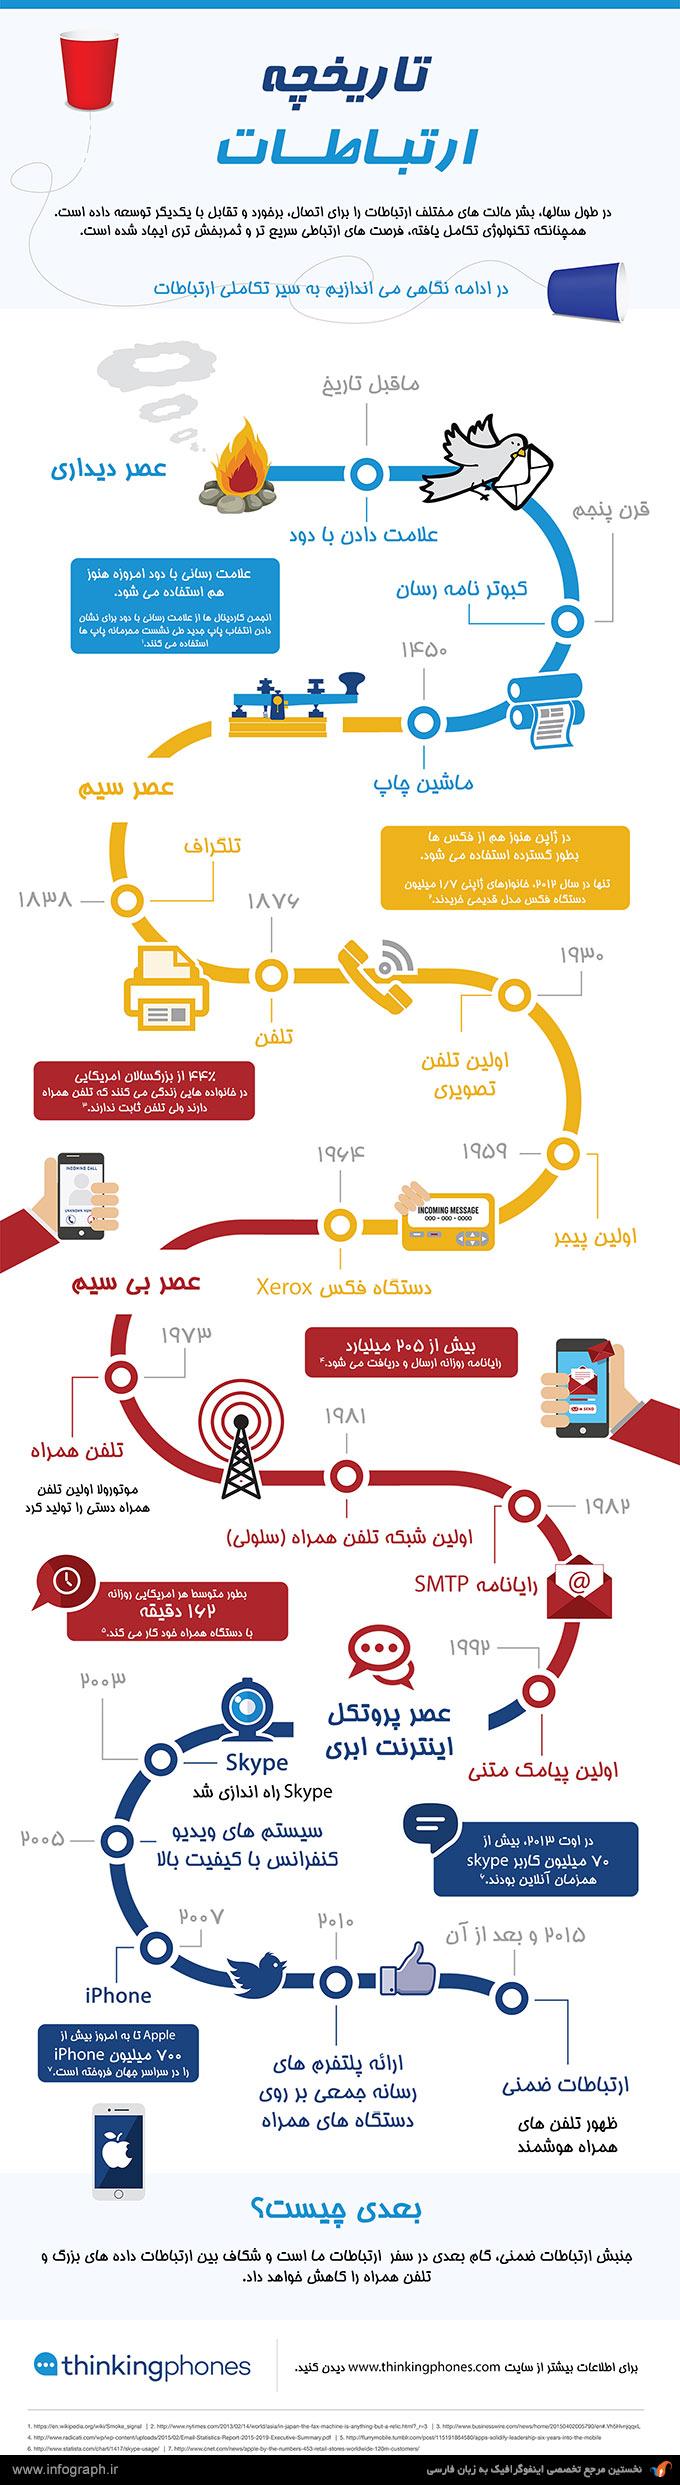 اینفوگرافیک تاریخچه ارتباطات